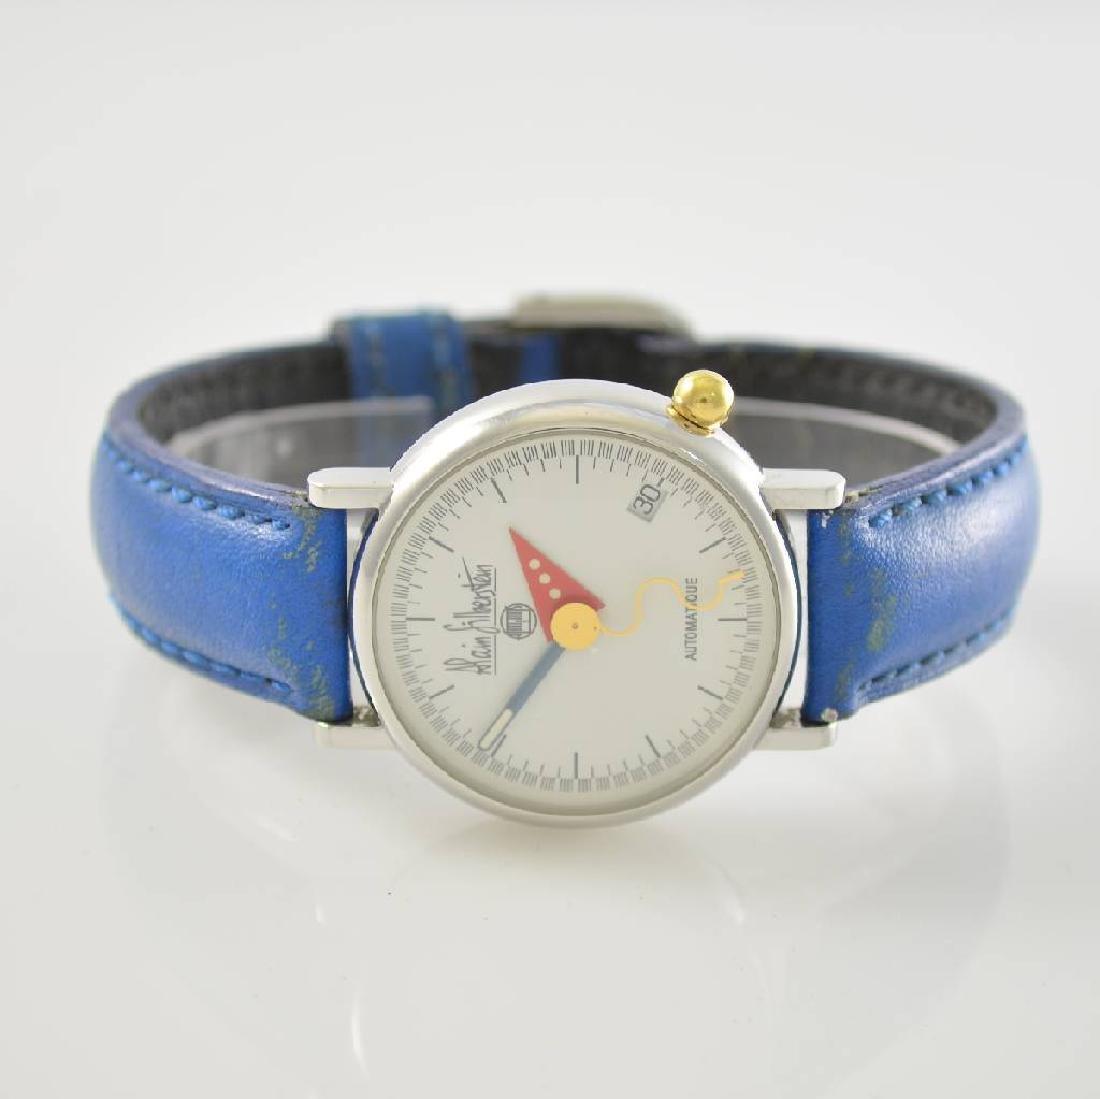 ALAIN SILBERSTEIN Arkitek limited wristwatch